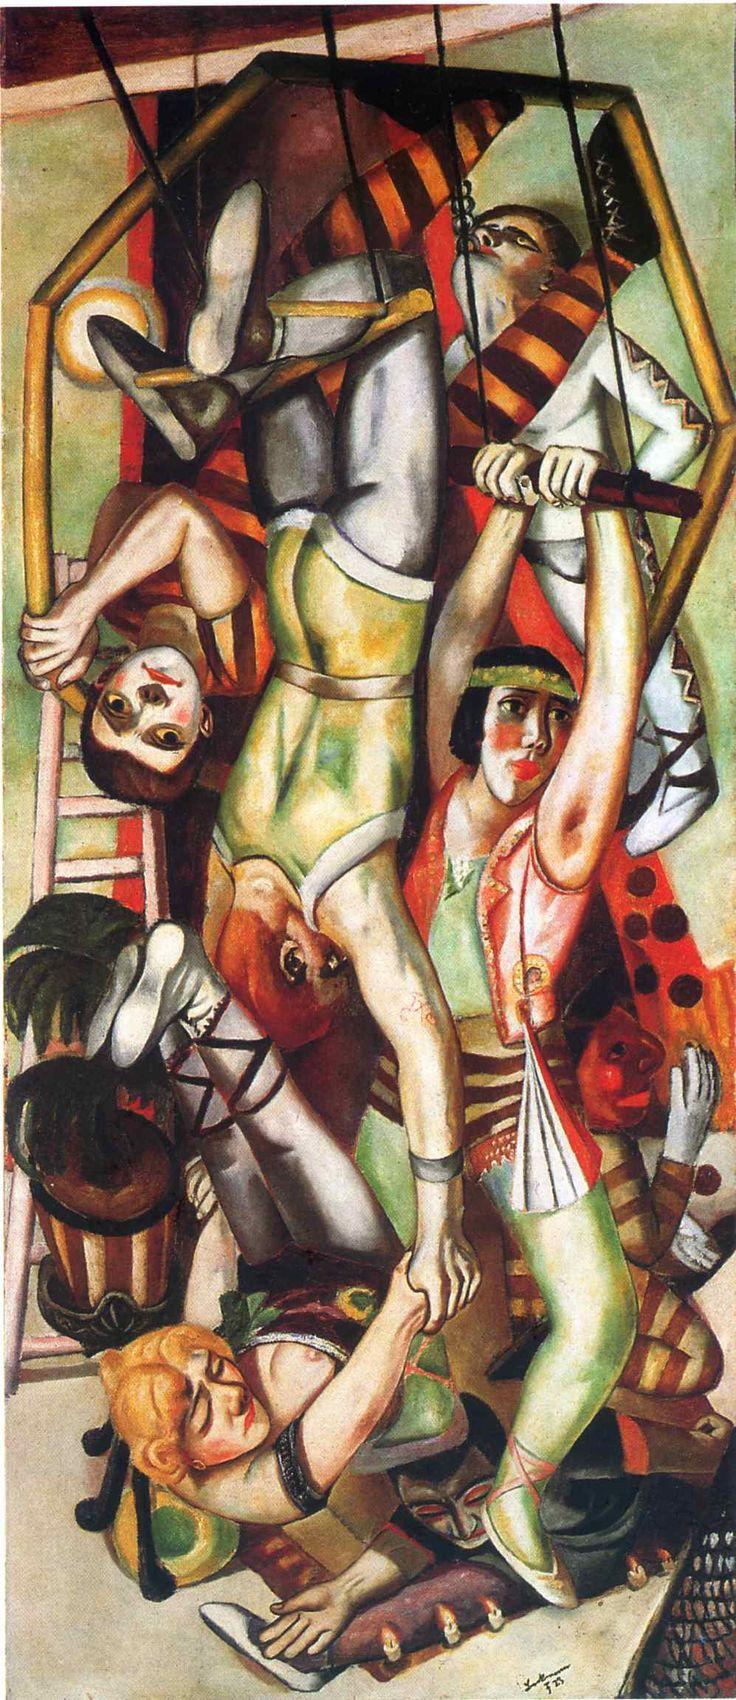 Max Beckmann (1884 - 1950) pintor alemán del movimiento Nueva Objetividad.